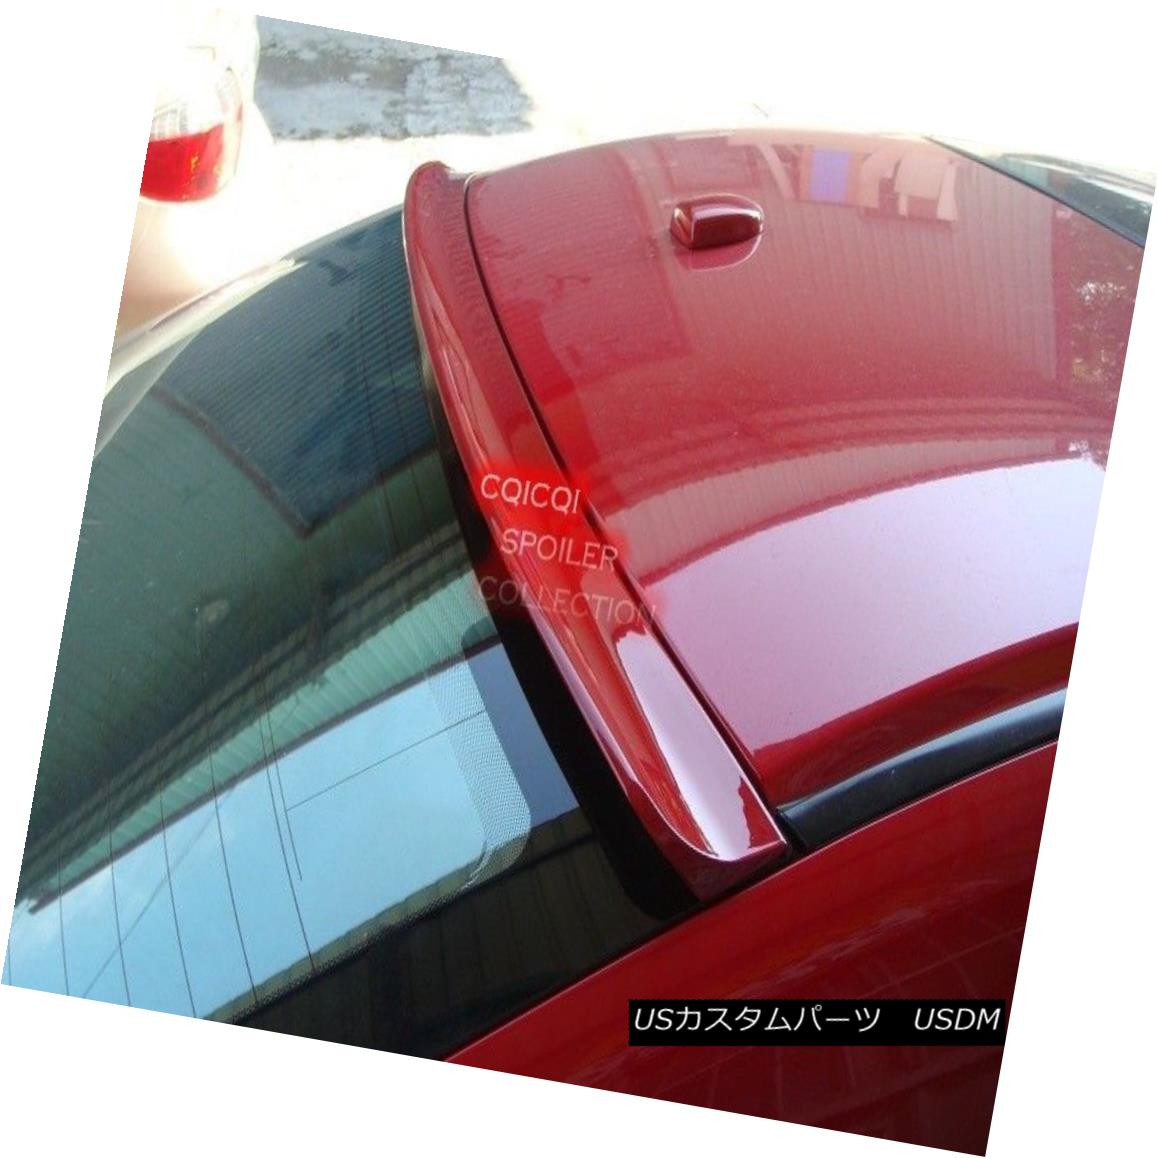 エアロパーツ Unpainted roof spoiler for Honda 06-10 Civic 2D coupe Si ◎ ホンダ06-10シビック2DクーペSiの未塗装ルーフスポイラー?